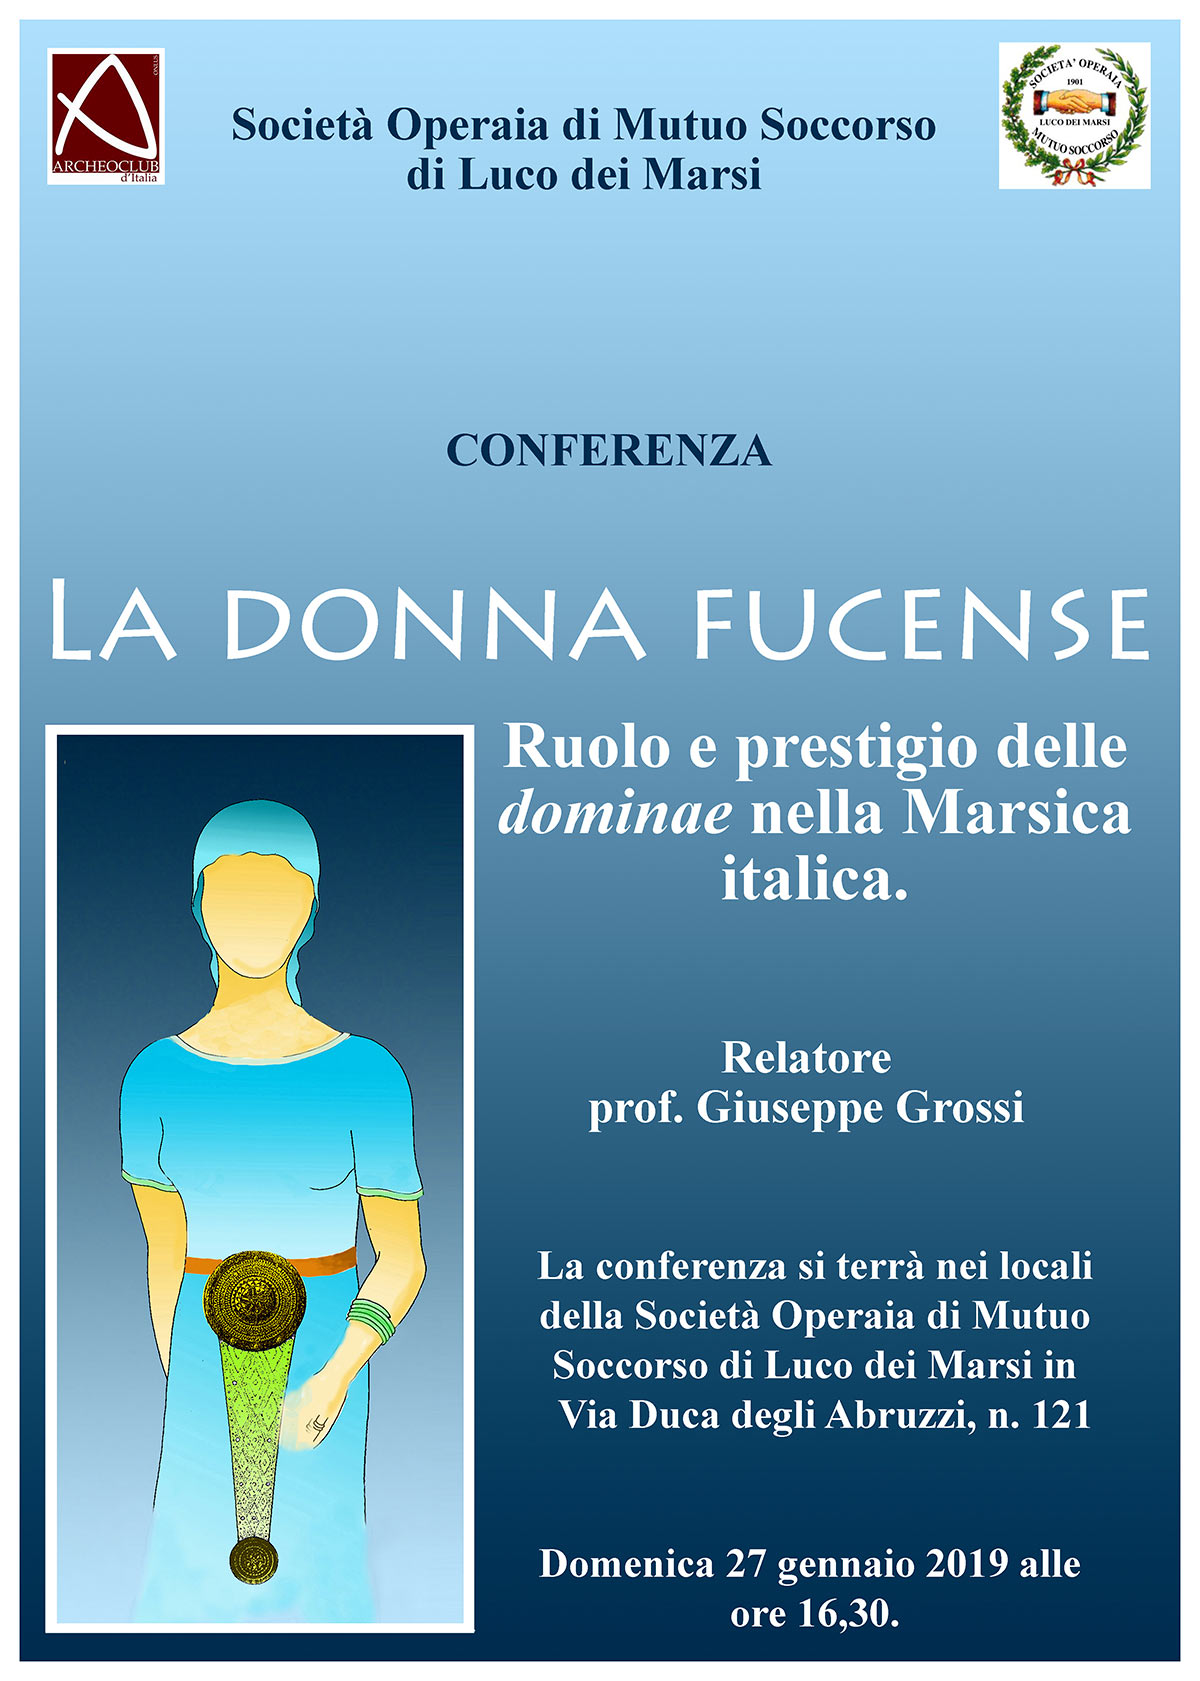 Conferenza sulla Donna Fucense a Luco Dei Marsi